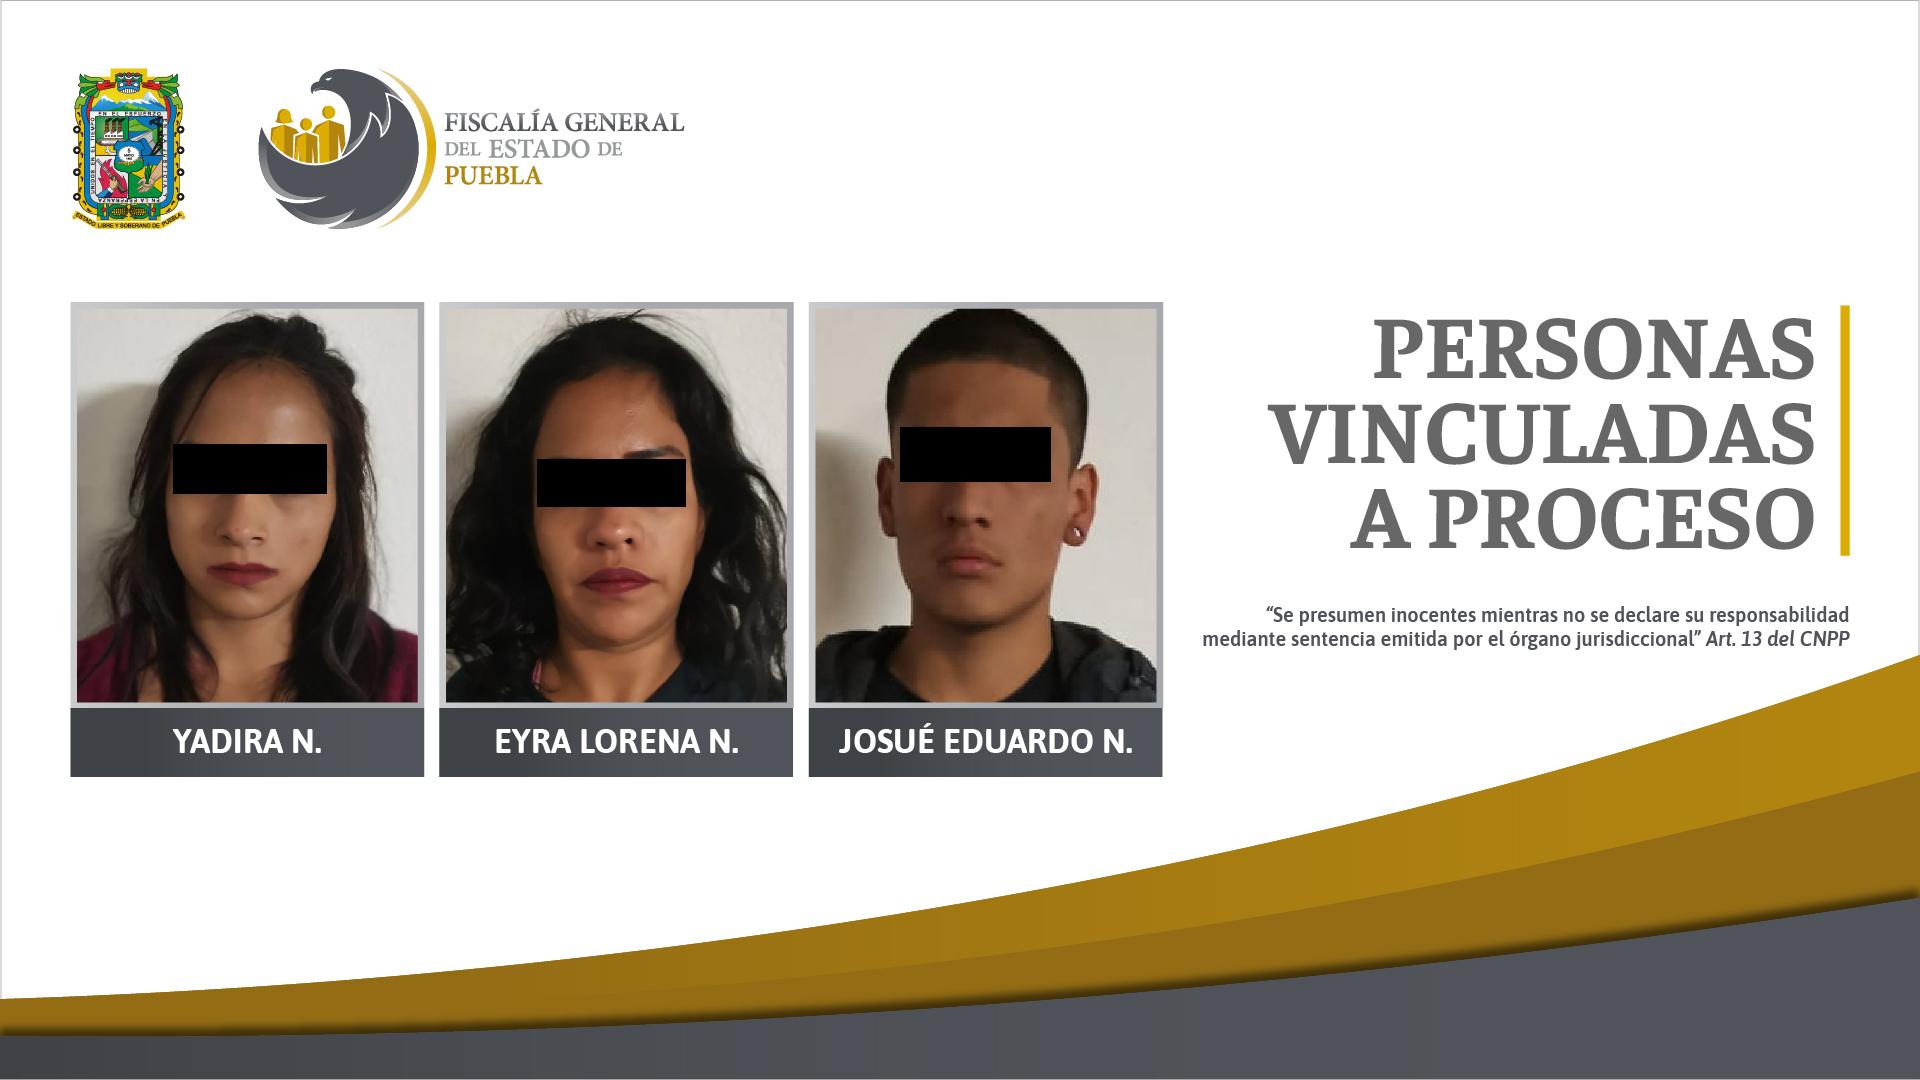 Vinculadas a proceso tres personas aseguradas en posesión de droga